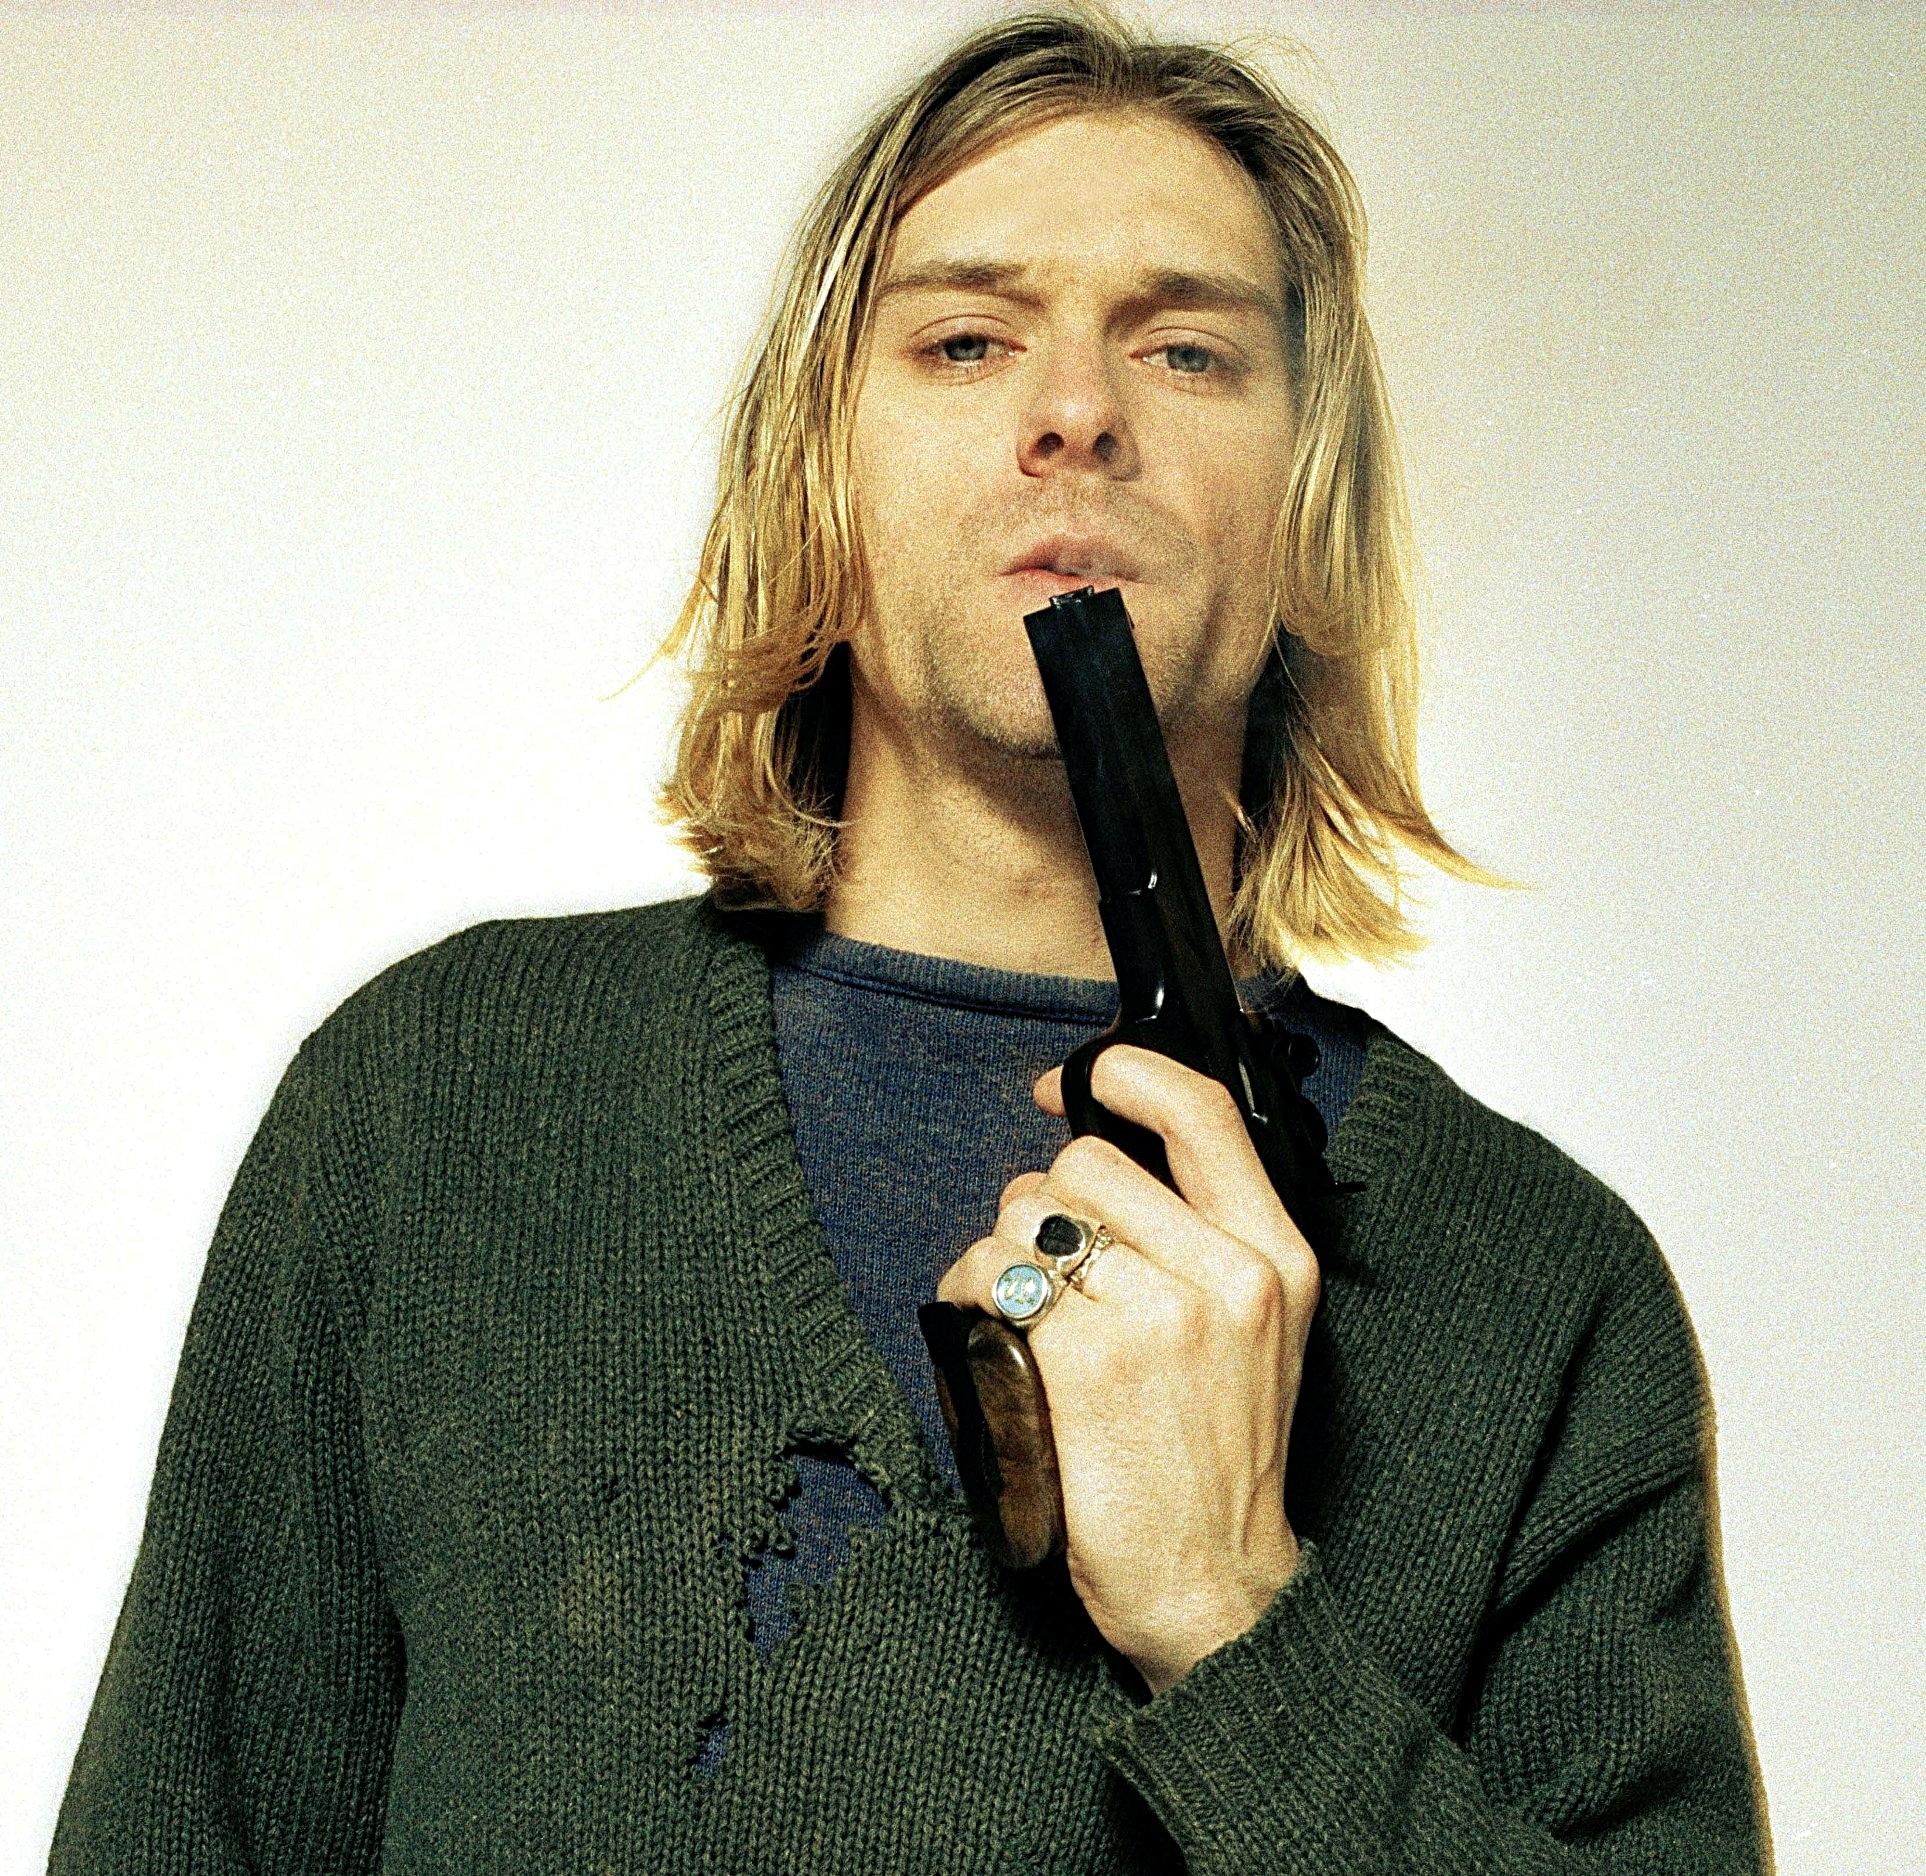 Solowe utwory Kurta Cobaina jeszcze w tym roku!